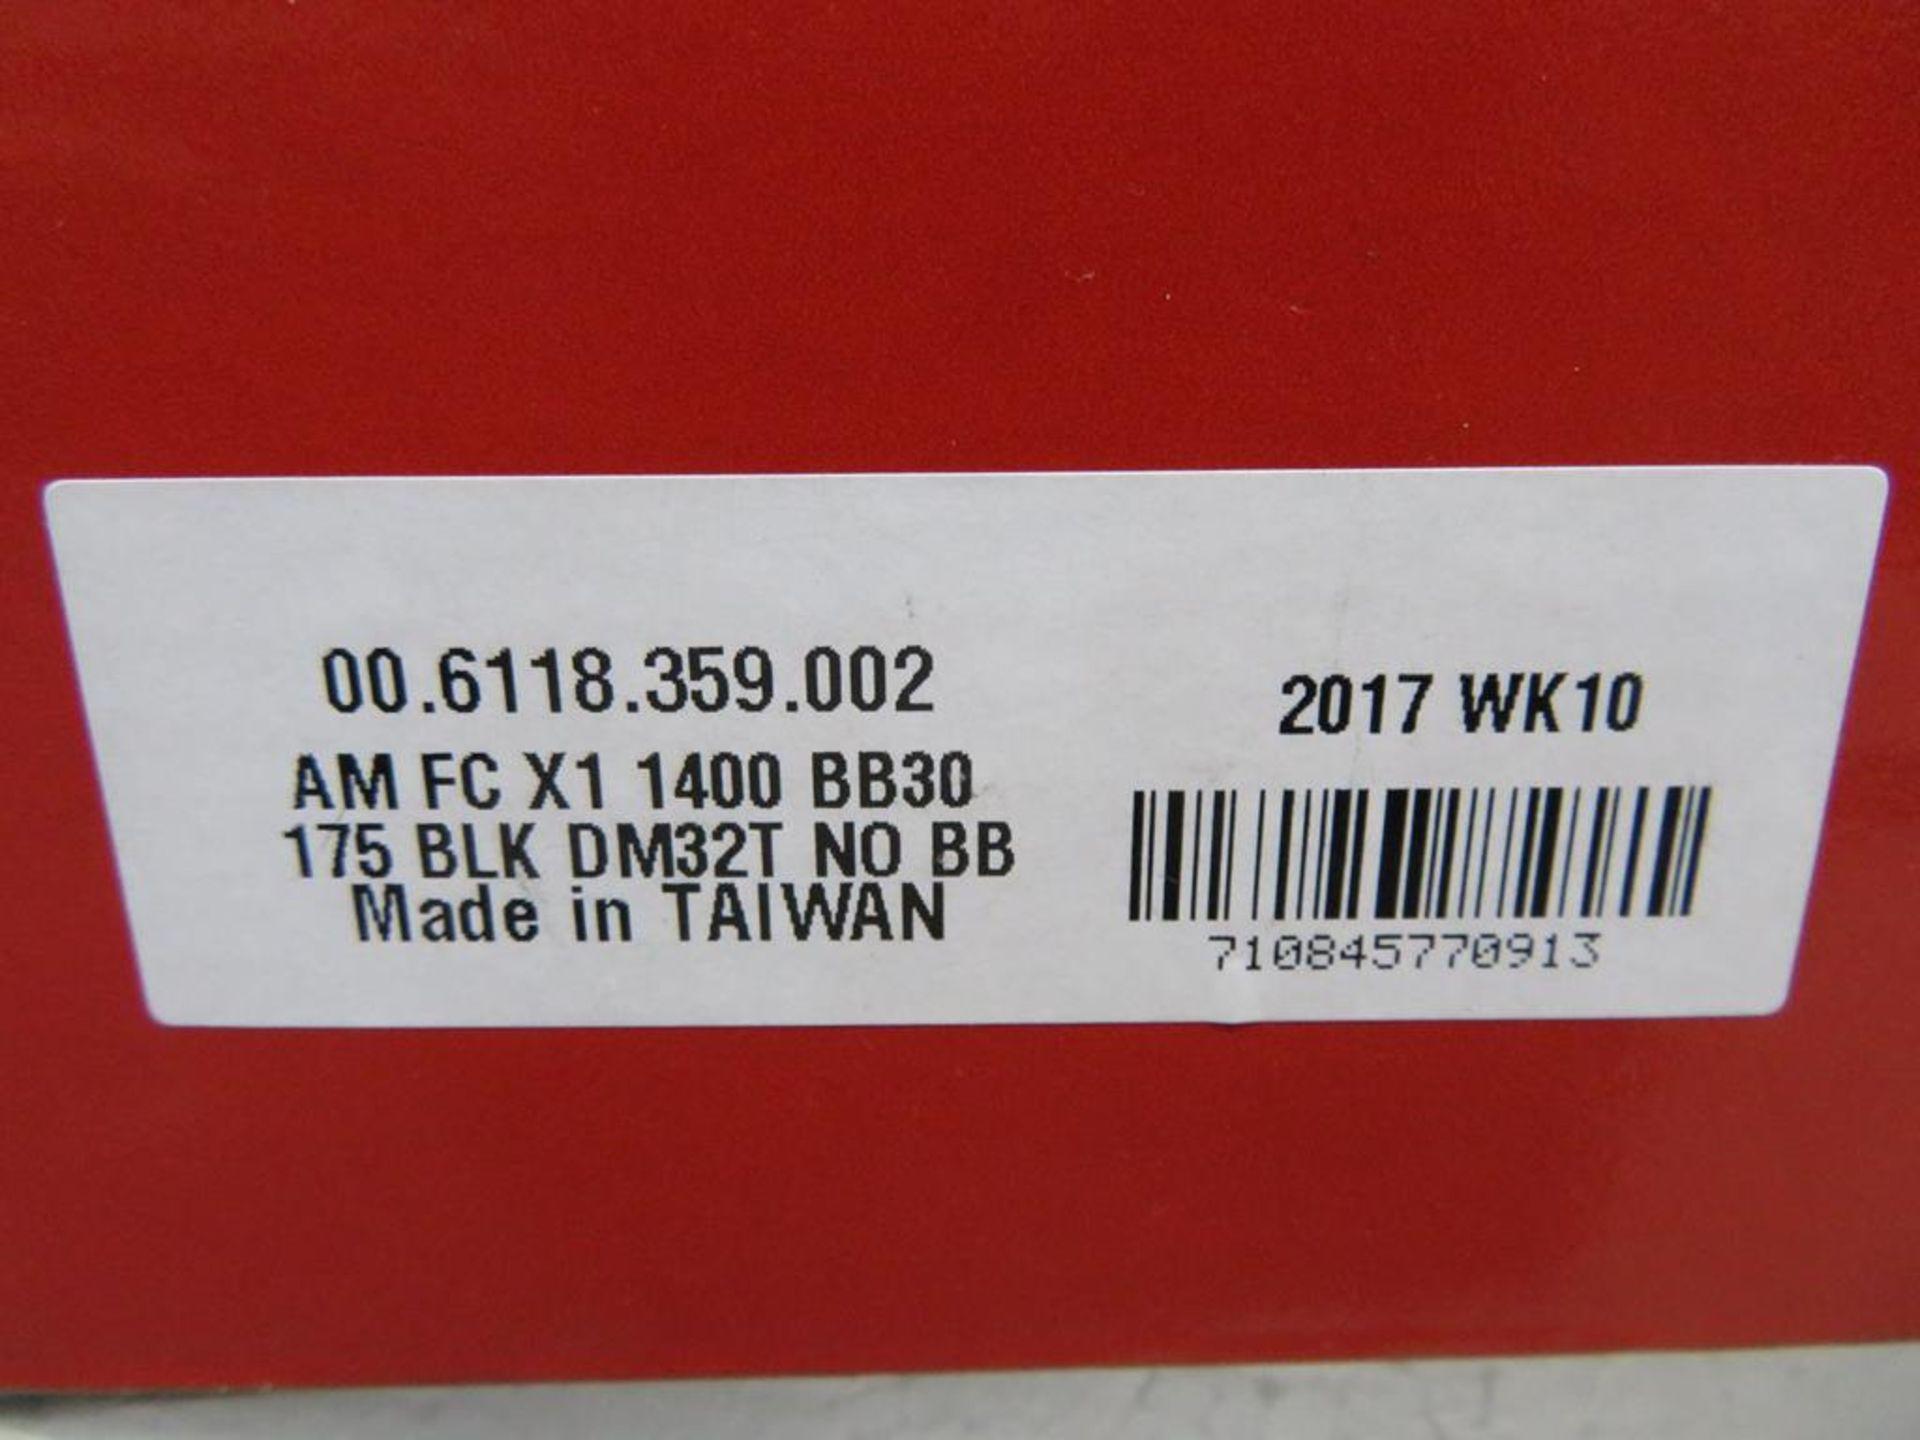 Lot 36 - Sram X1 1400 BB30 Crankset